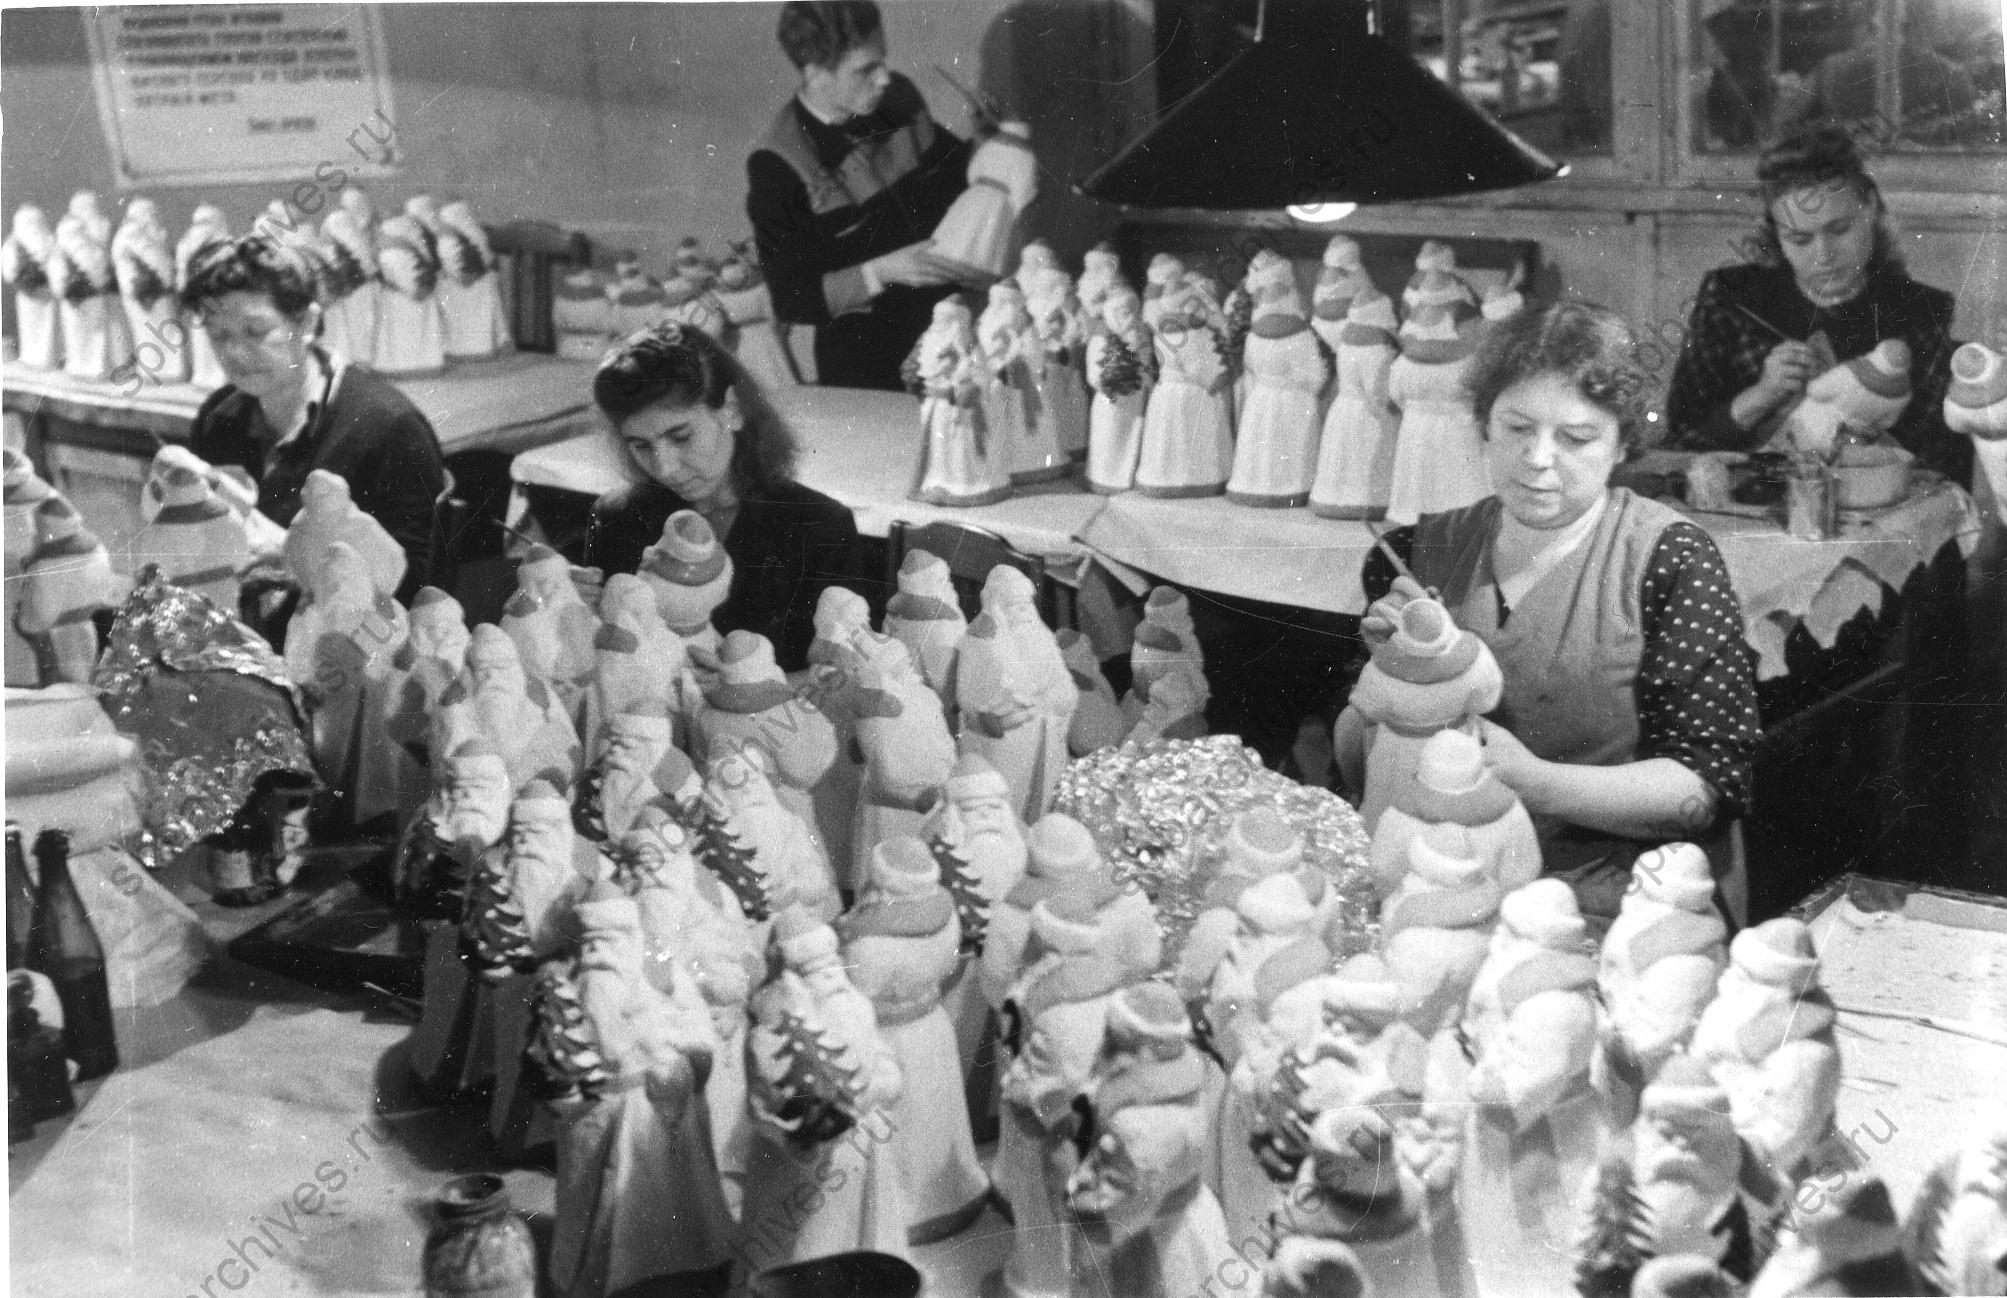 1951. Работники артели «Ленигрушка» за разрисовкой новогодних игрушек. 18 декабря